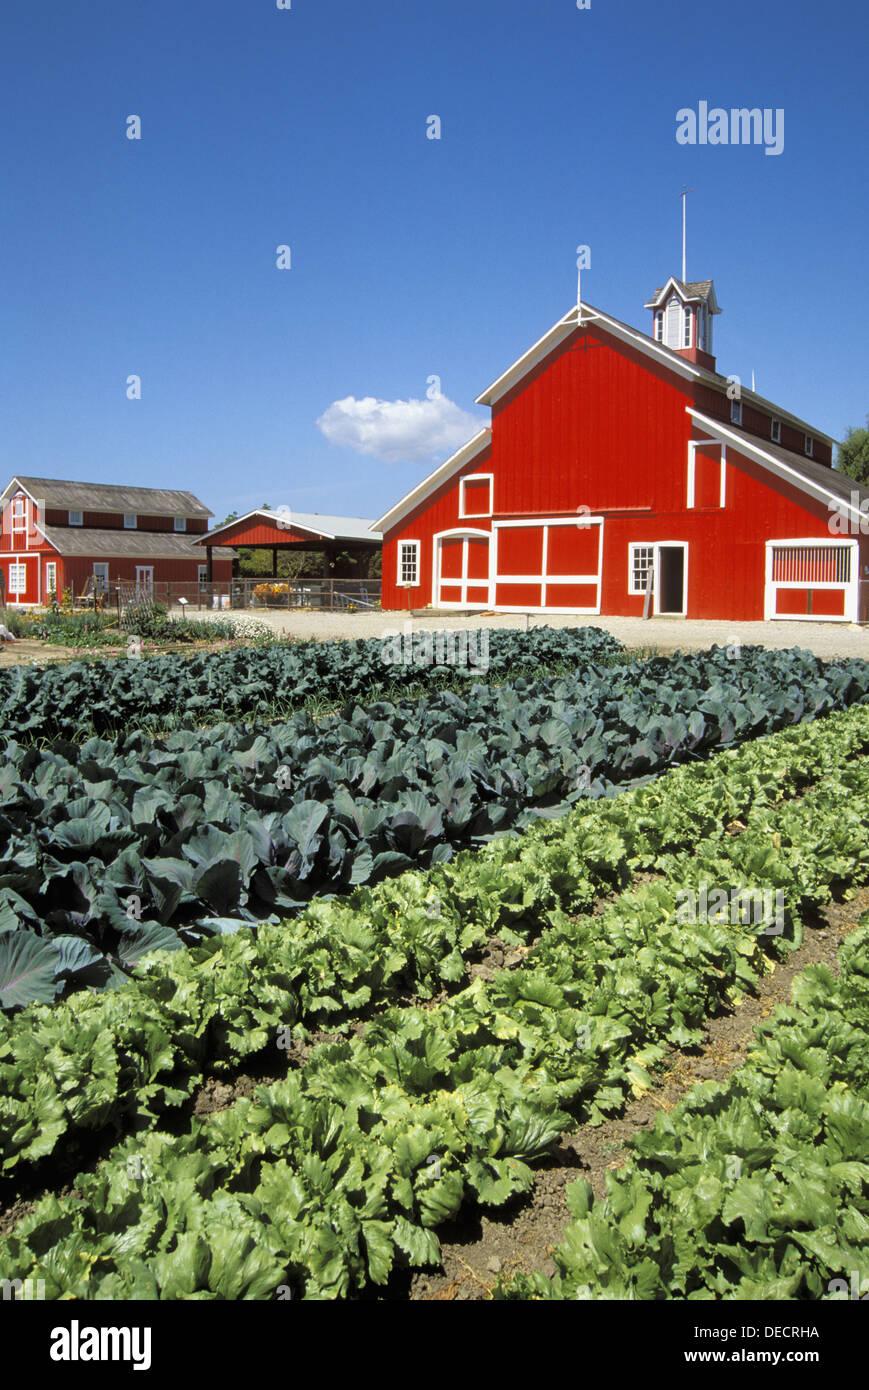 Vegetables And Red Barn At The Faulkner Ranch Santa Paula Stock